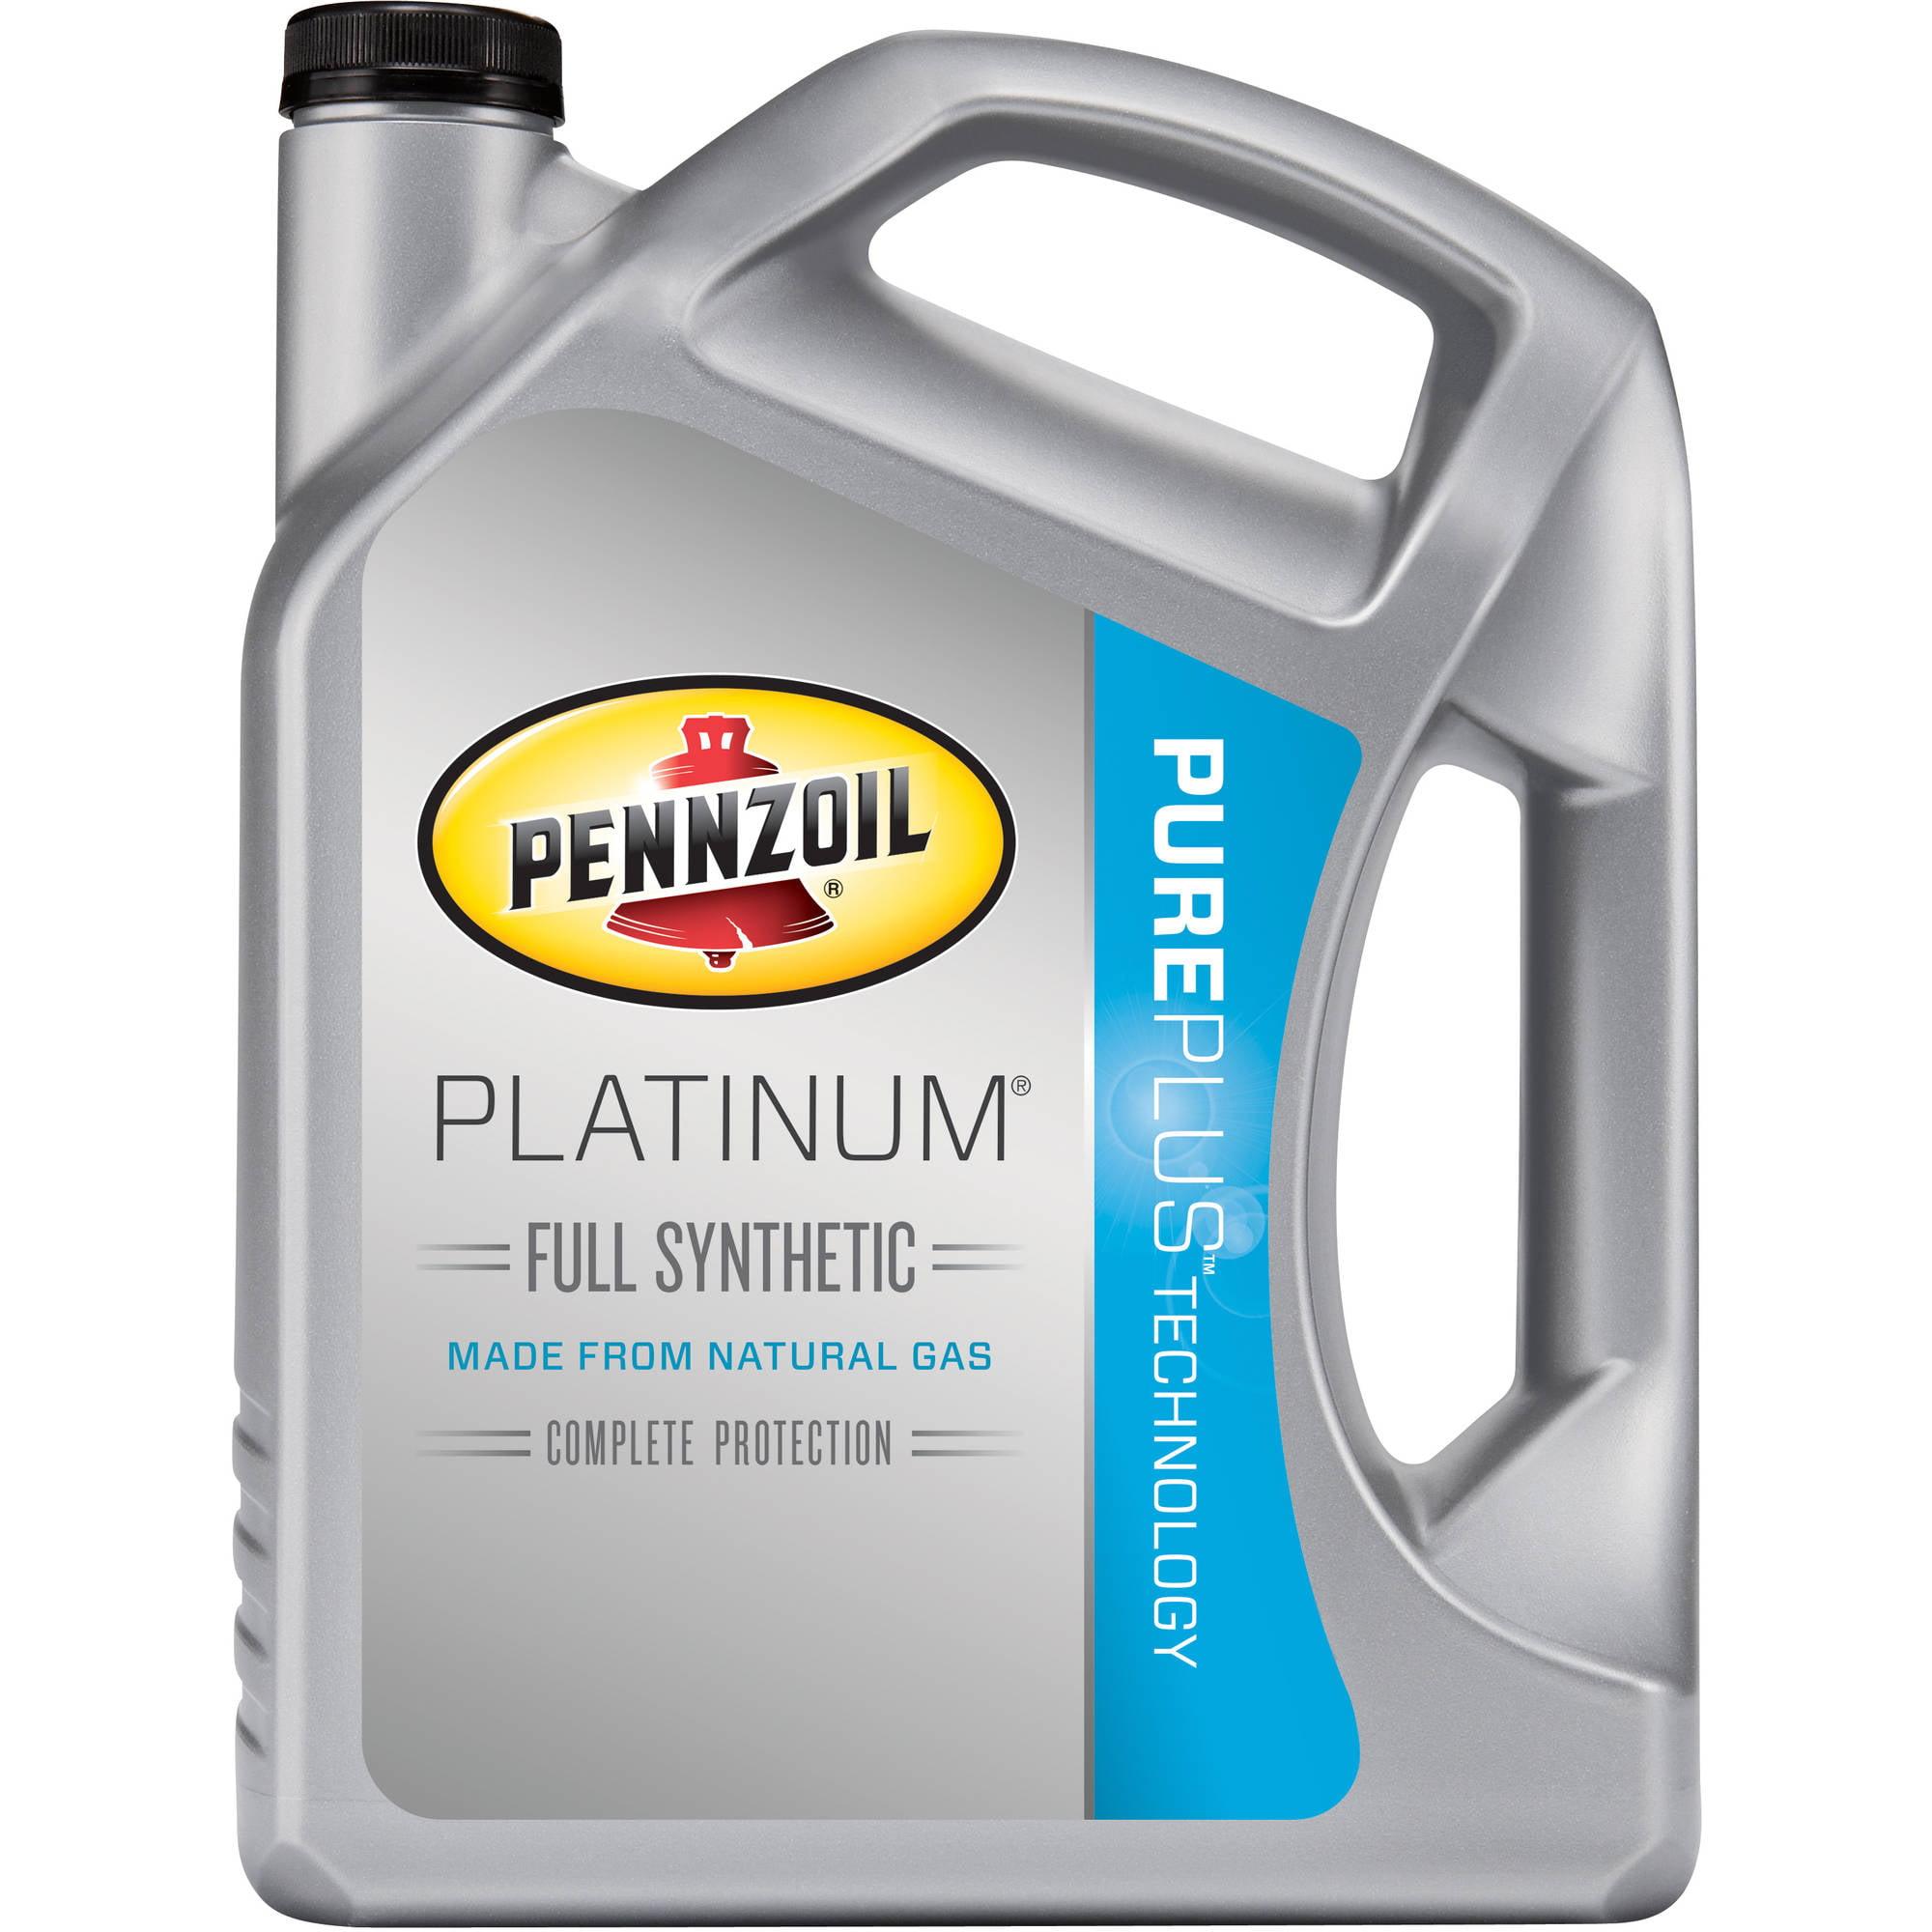 Pennzoil 5W30 Full Synthetic Platinum Motor Oil, 5 qt